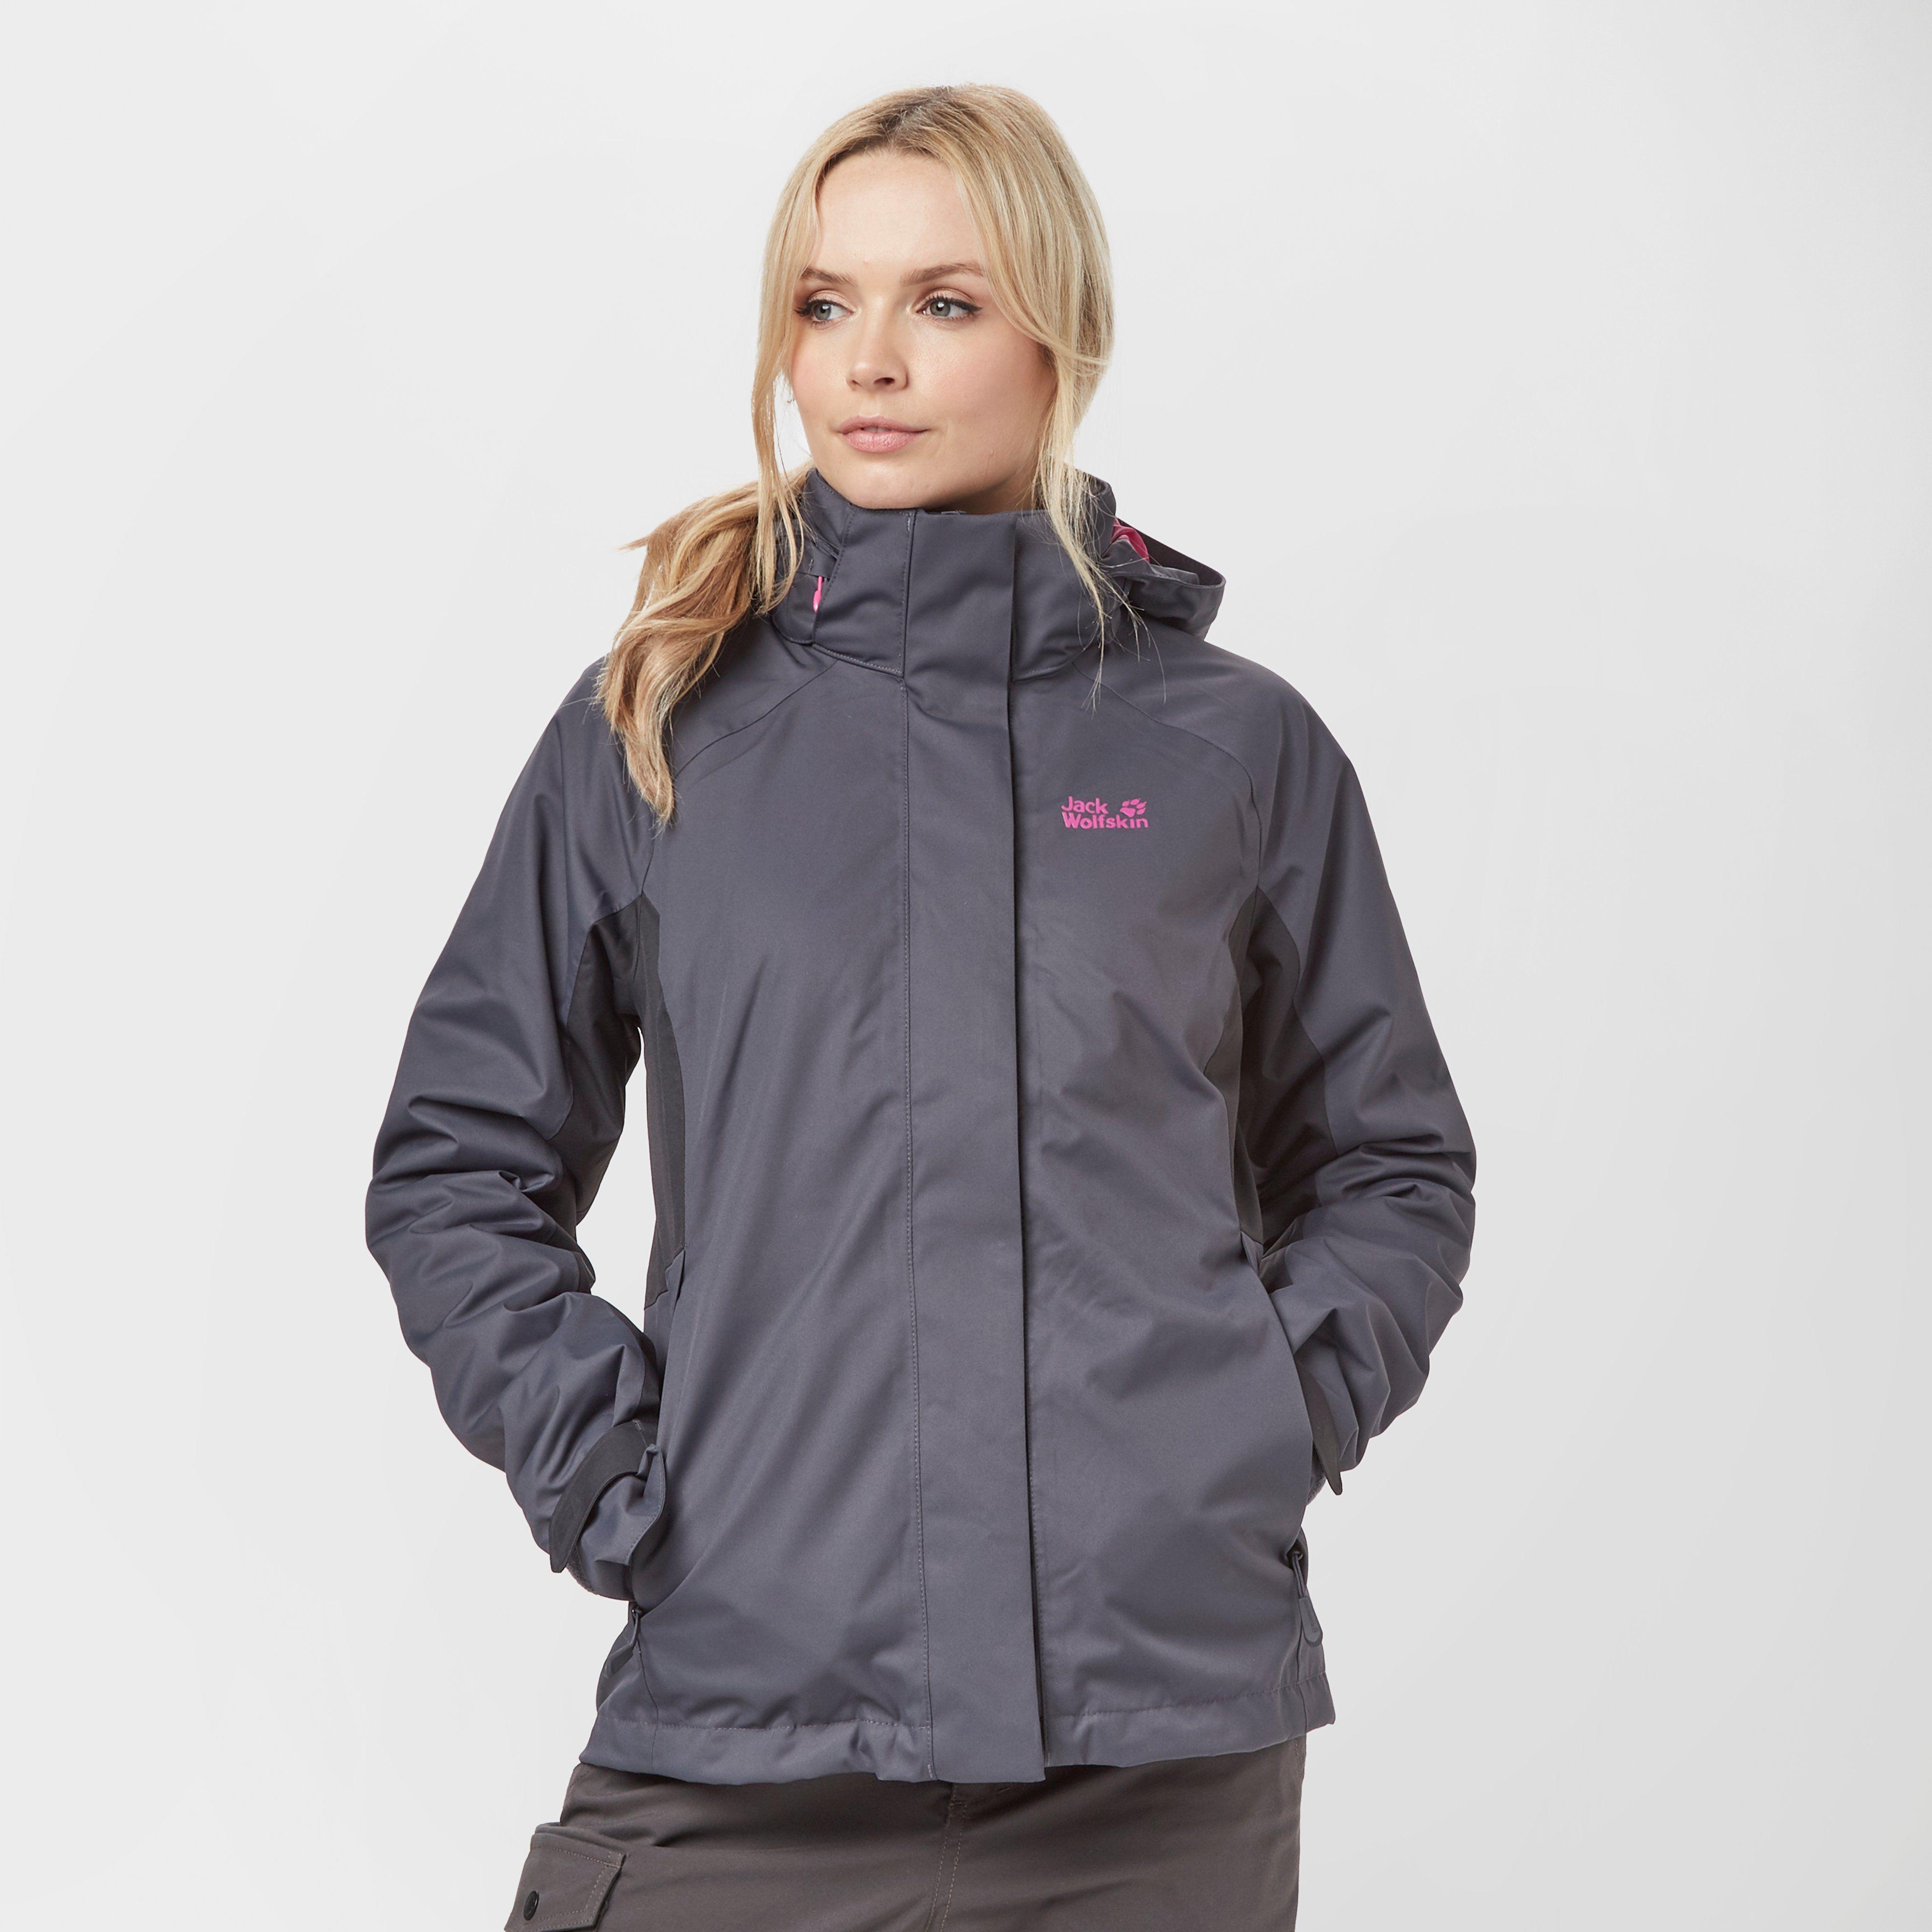 JACK WOLFSKIN Women's Iceland Journey 3 in 1 Jacket